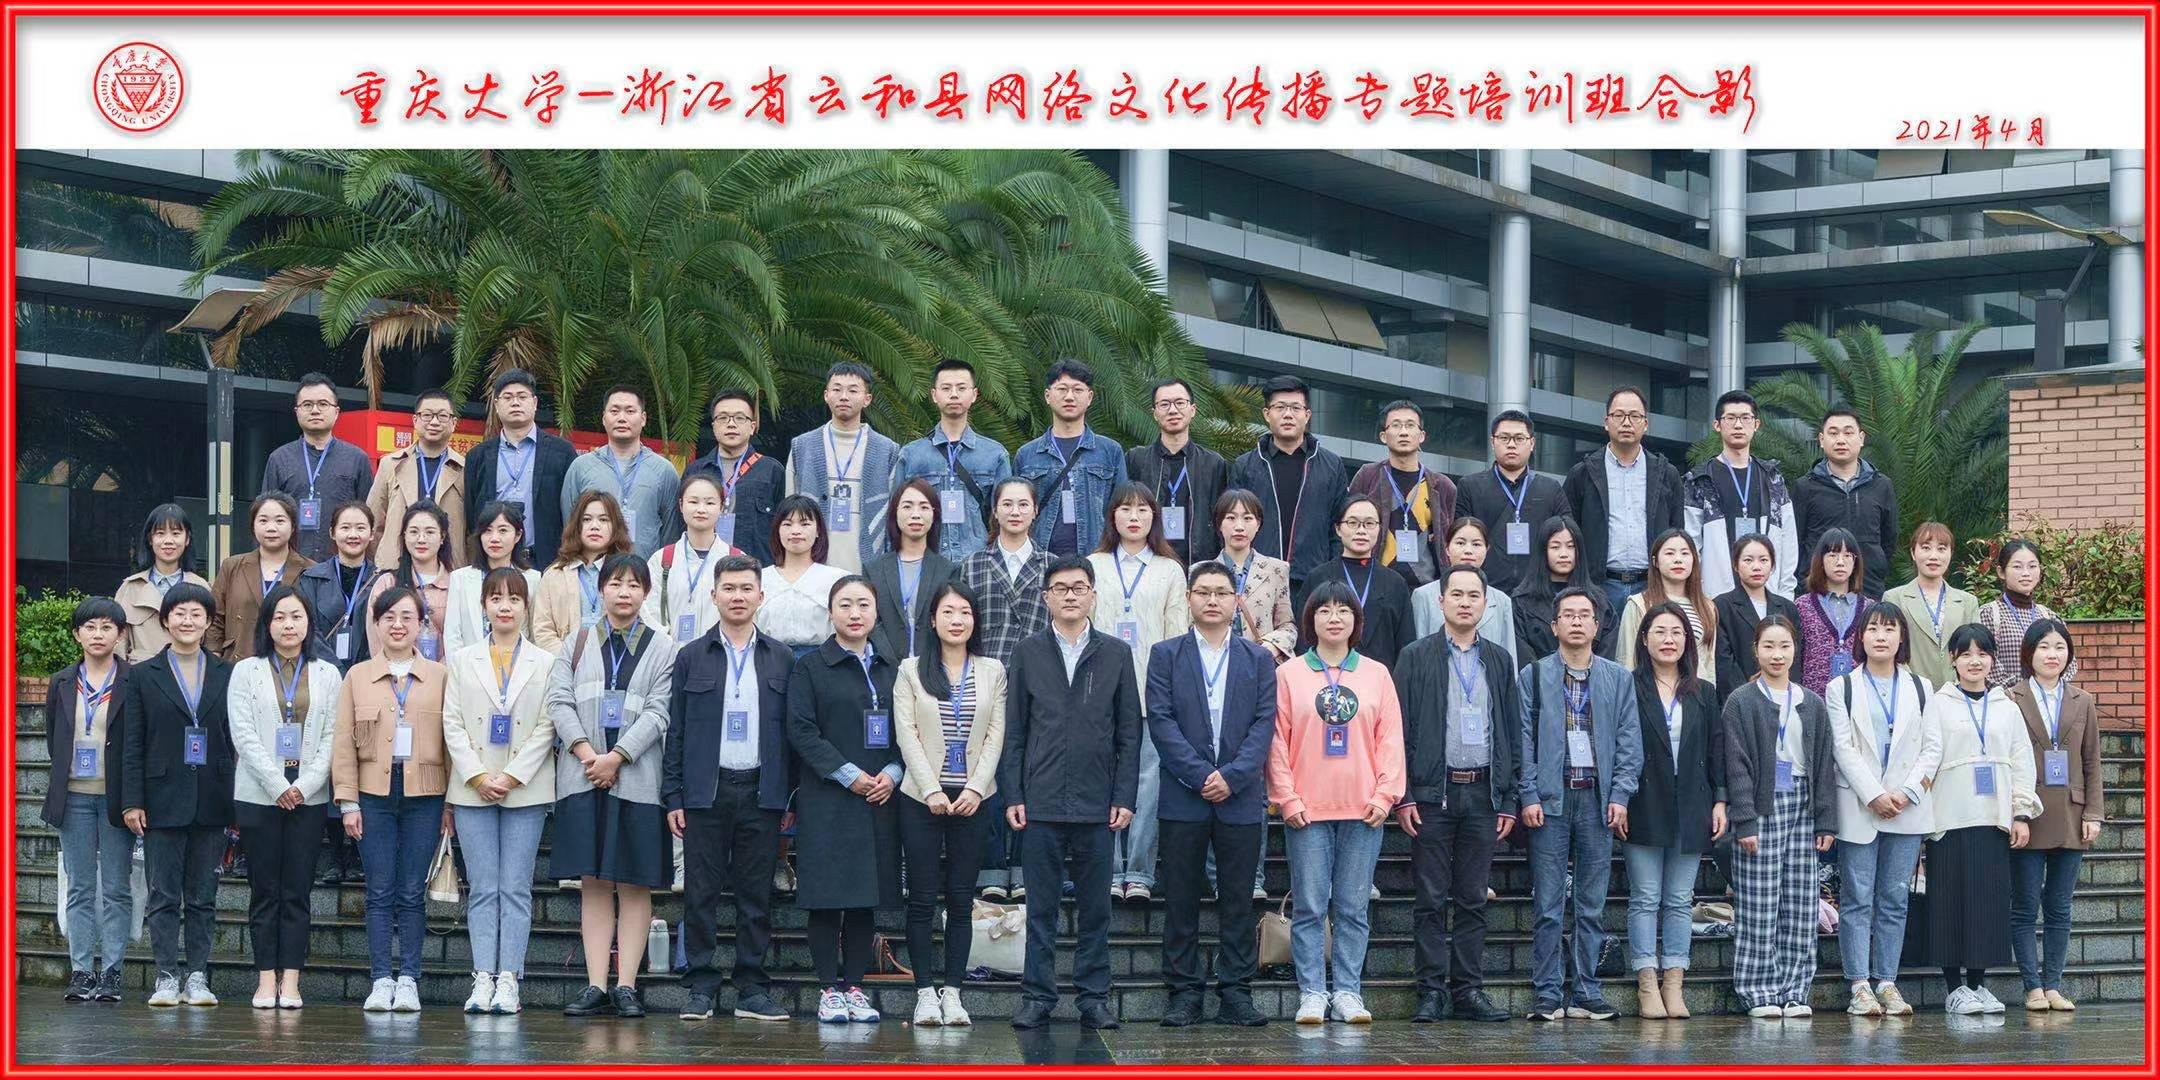 重庆大学—浙江省云和县网络文化传播专题培训班顺利开班